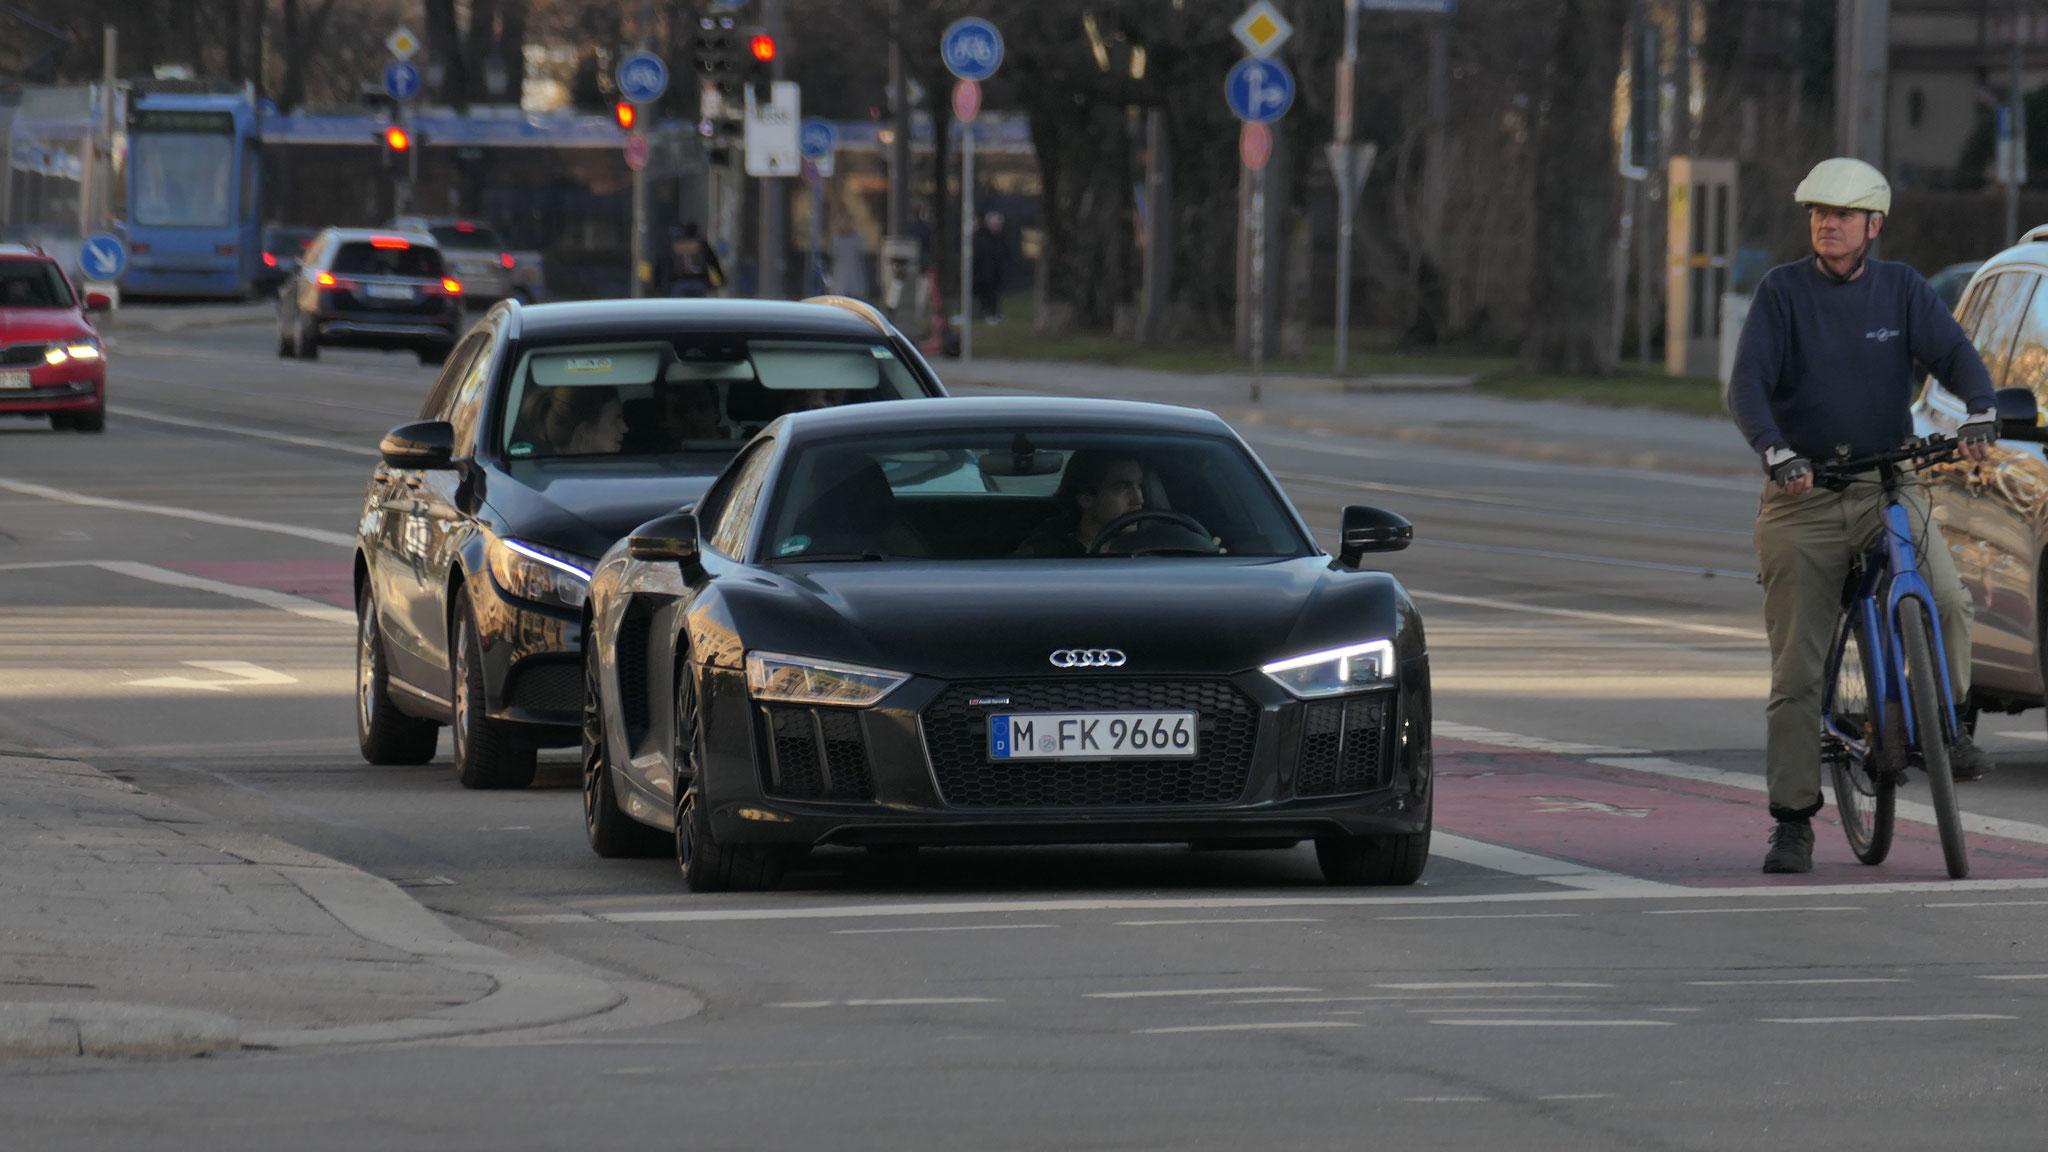 Audi R8 V10 - M-FK-9666